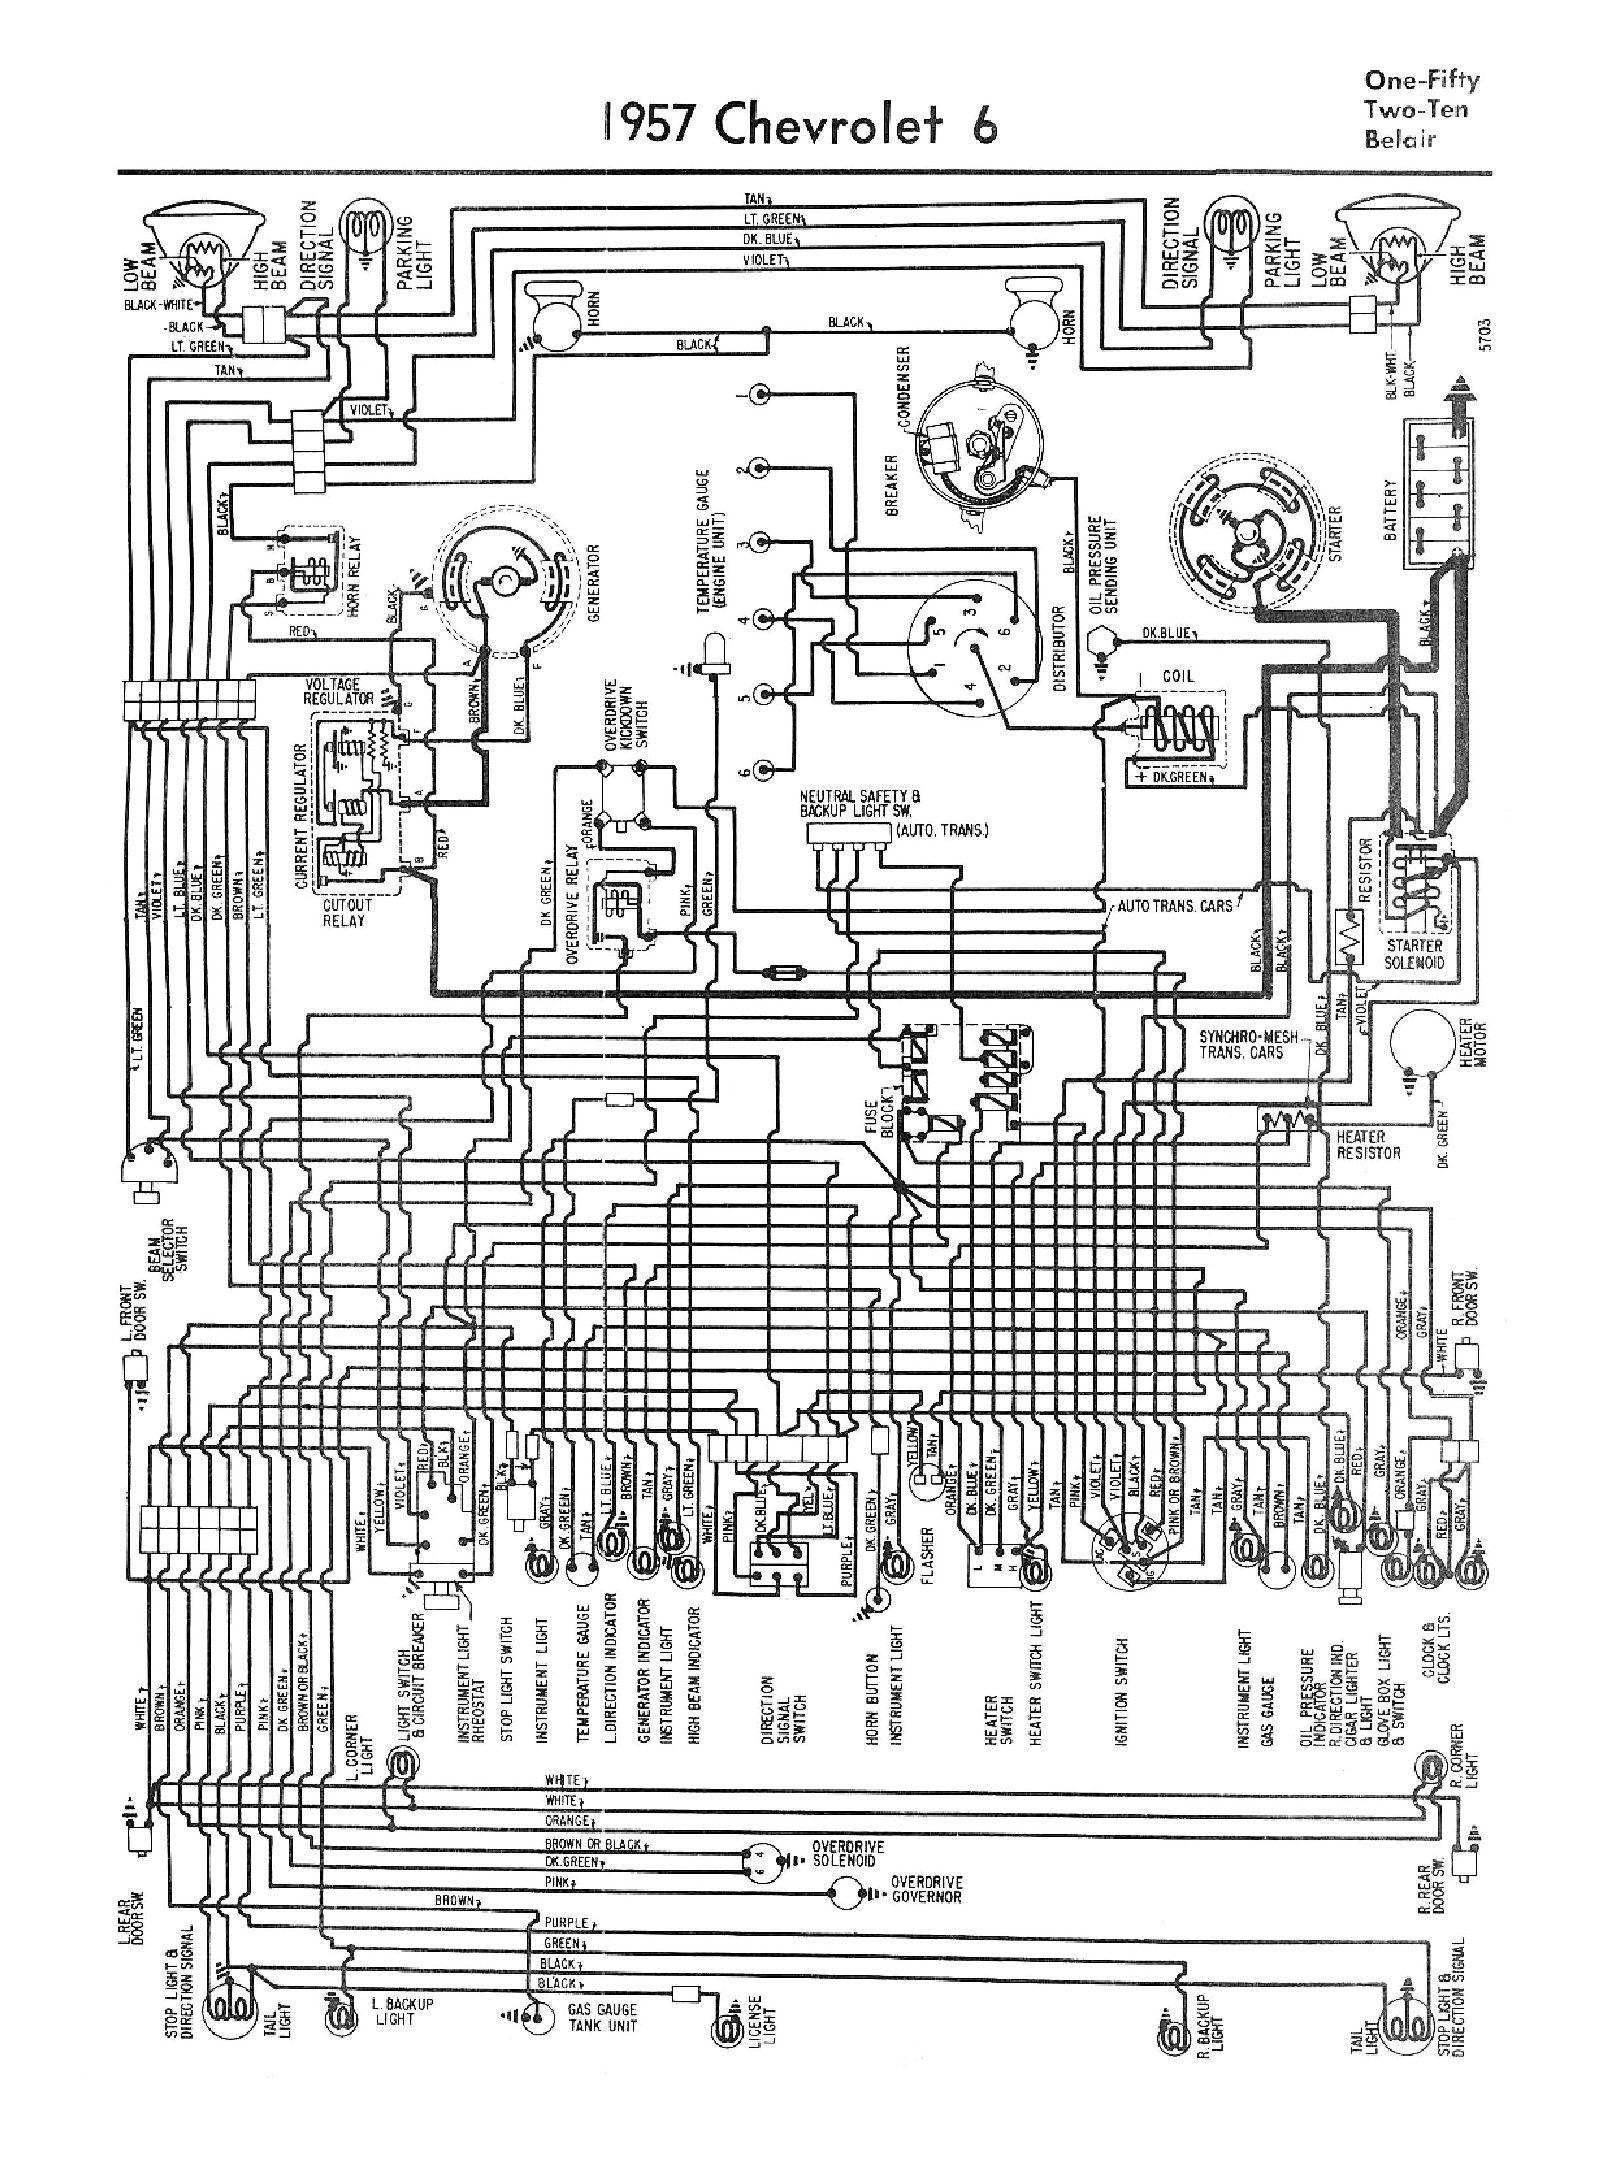 1958 corvette wiring diagram